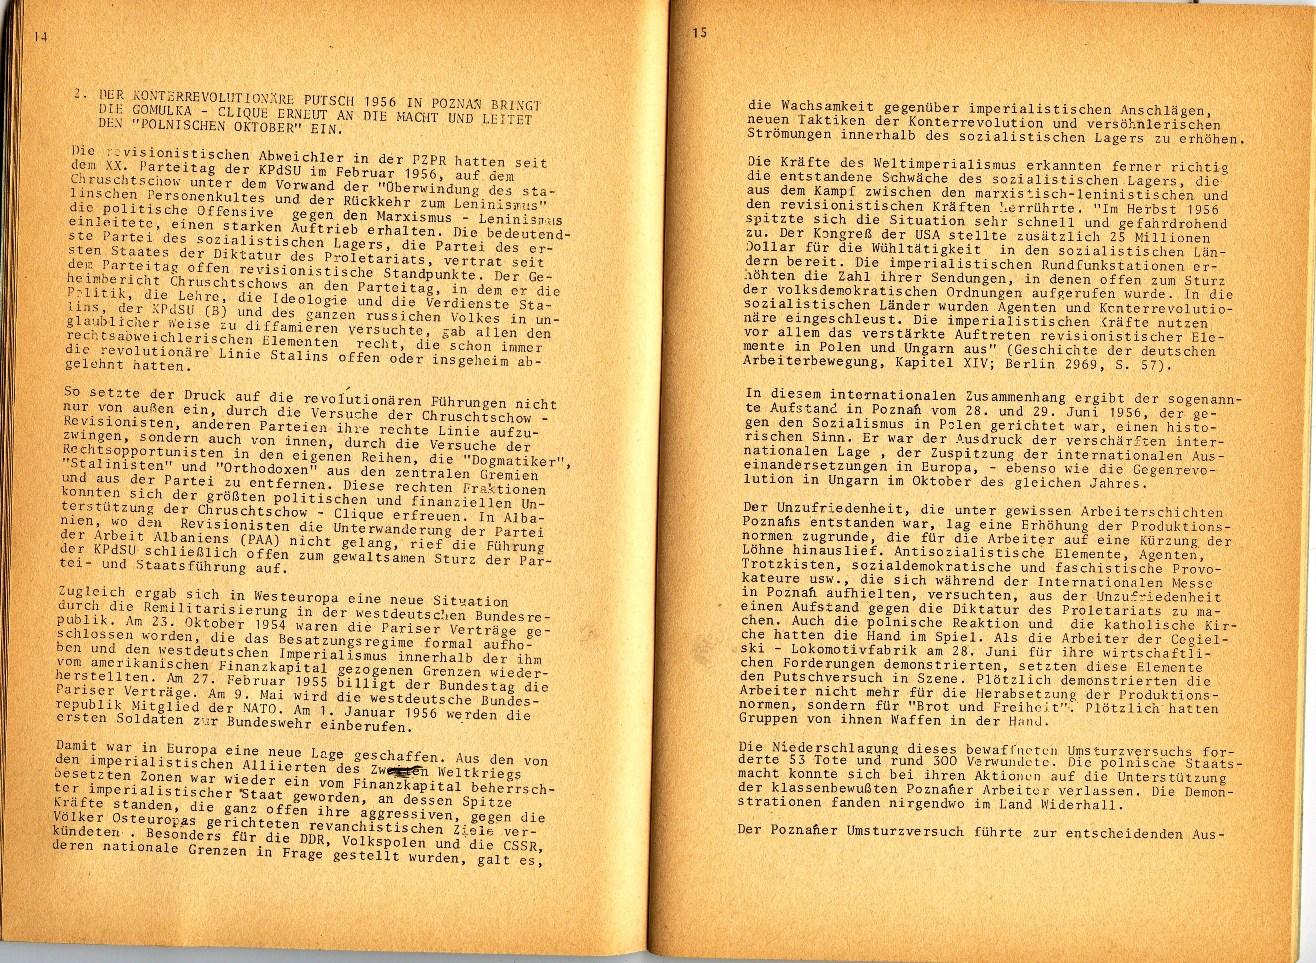 ZB_Polen_Aufstand_1971_11